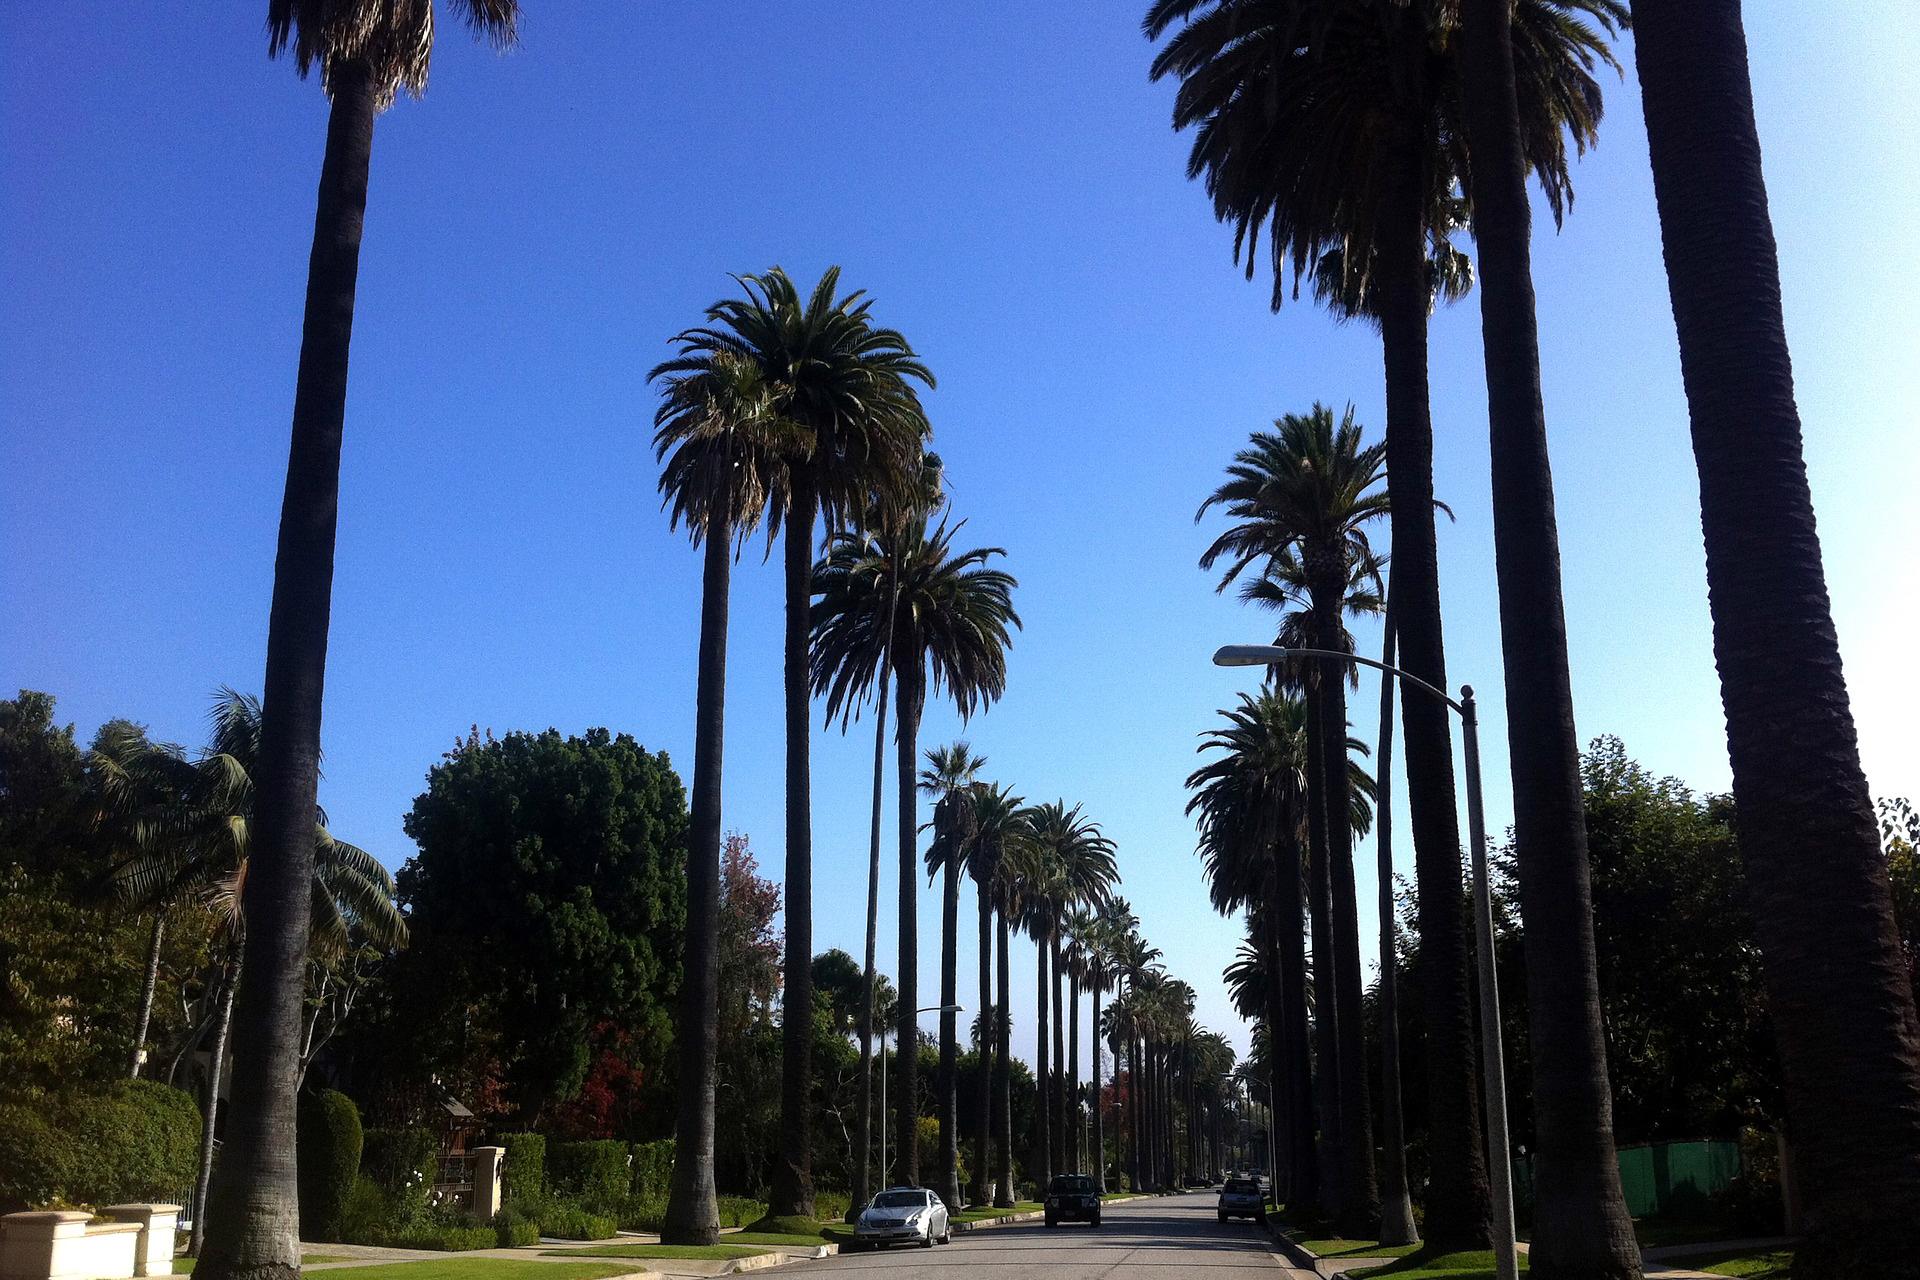 LA, USA